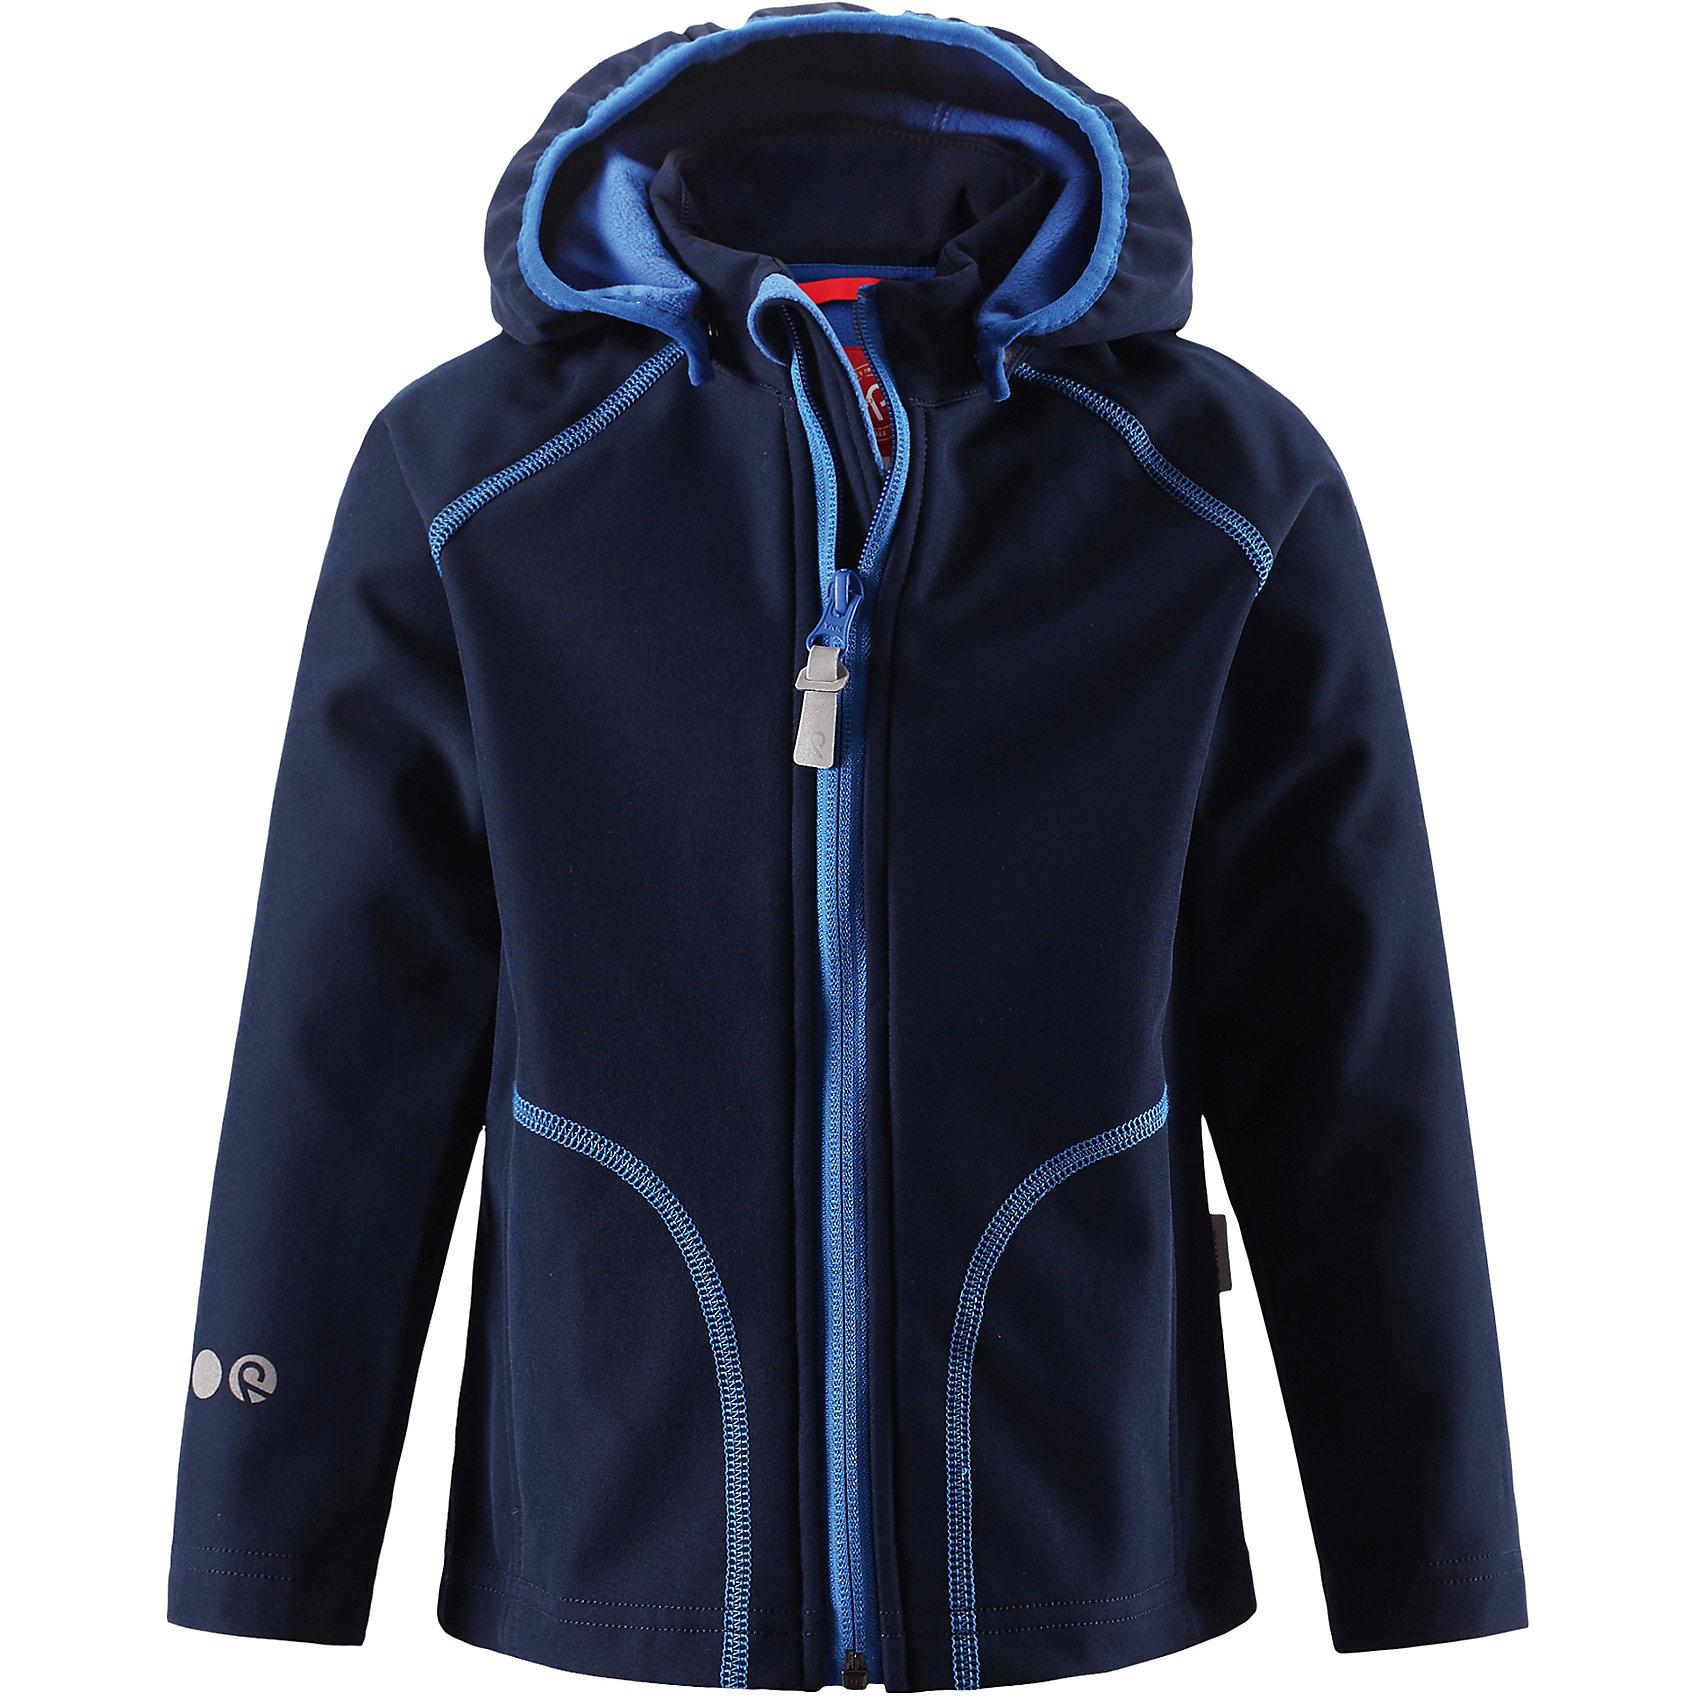 Куртка Vantti для мальчика ReimaОдежда<br>Характеристики товара:<br><br>• цвет: темно-синий<br>• состав: 95% полиэстер, 5% эластан, полиуретановое покрытие<br>• температурный режим: от +5°до +15°С<br>• многослойный материал, с изнаночной стороны - флис<br>• водонепроницаемый материал softshell<br>• ветронепроницаемый дышащий материал<br>• безопасный съемный капюшон<br>• два боковых кармана<br>• без утеплителя<br>• молния<br>• комфортная посадка<br>• страна производства: Китай<br>• страна бренда: Финляндия<br>• коллекция: весна-лето 2017<br><br>Верхняя одежда для детей может быть модной и комфортной одновременно! Демисезонная куртка поможет обеспечить ребенку комфорт и тепло. Она отлично смотрится с различной одеждой и обувью. Изделие удобно сидит и модно выглядит. Материал - прочный, хорошо подходящий для межсезонья. Стильный дизайн разрабатывался специально для детей.<br><br>Одежда и обувь от финского бренда Reima пользуется популярностью во многих странах. Эти изделия стильные, качественные и удобные. Для производства продукции используются только безопасные, проверенные материалы и фурнитура. Порадуйте ребенка модными и красивыми вещами от Reima! <br><br>Куртку Reimatec® от финского бренда Reima (Рейма) можно купить в нашем интернет-магазине.<br><br>Ширина мм: 356<br>Глубина мм: 10<br>Высота мм: 245<br>Вес г: 519<br>Цвет: военно-морской<br>Возраст от месяцев: 96<br>Возраст до месяцев: 108<br>Пол: Мужской<br>Возраст: Детский<br>Размер: 134,140,104,110,116,122,128<br>SKU: 5268506